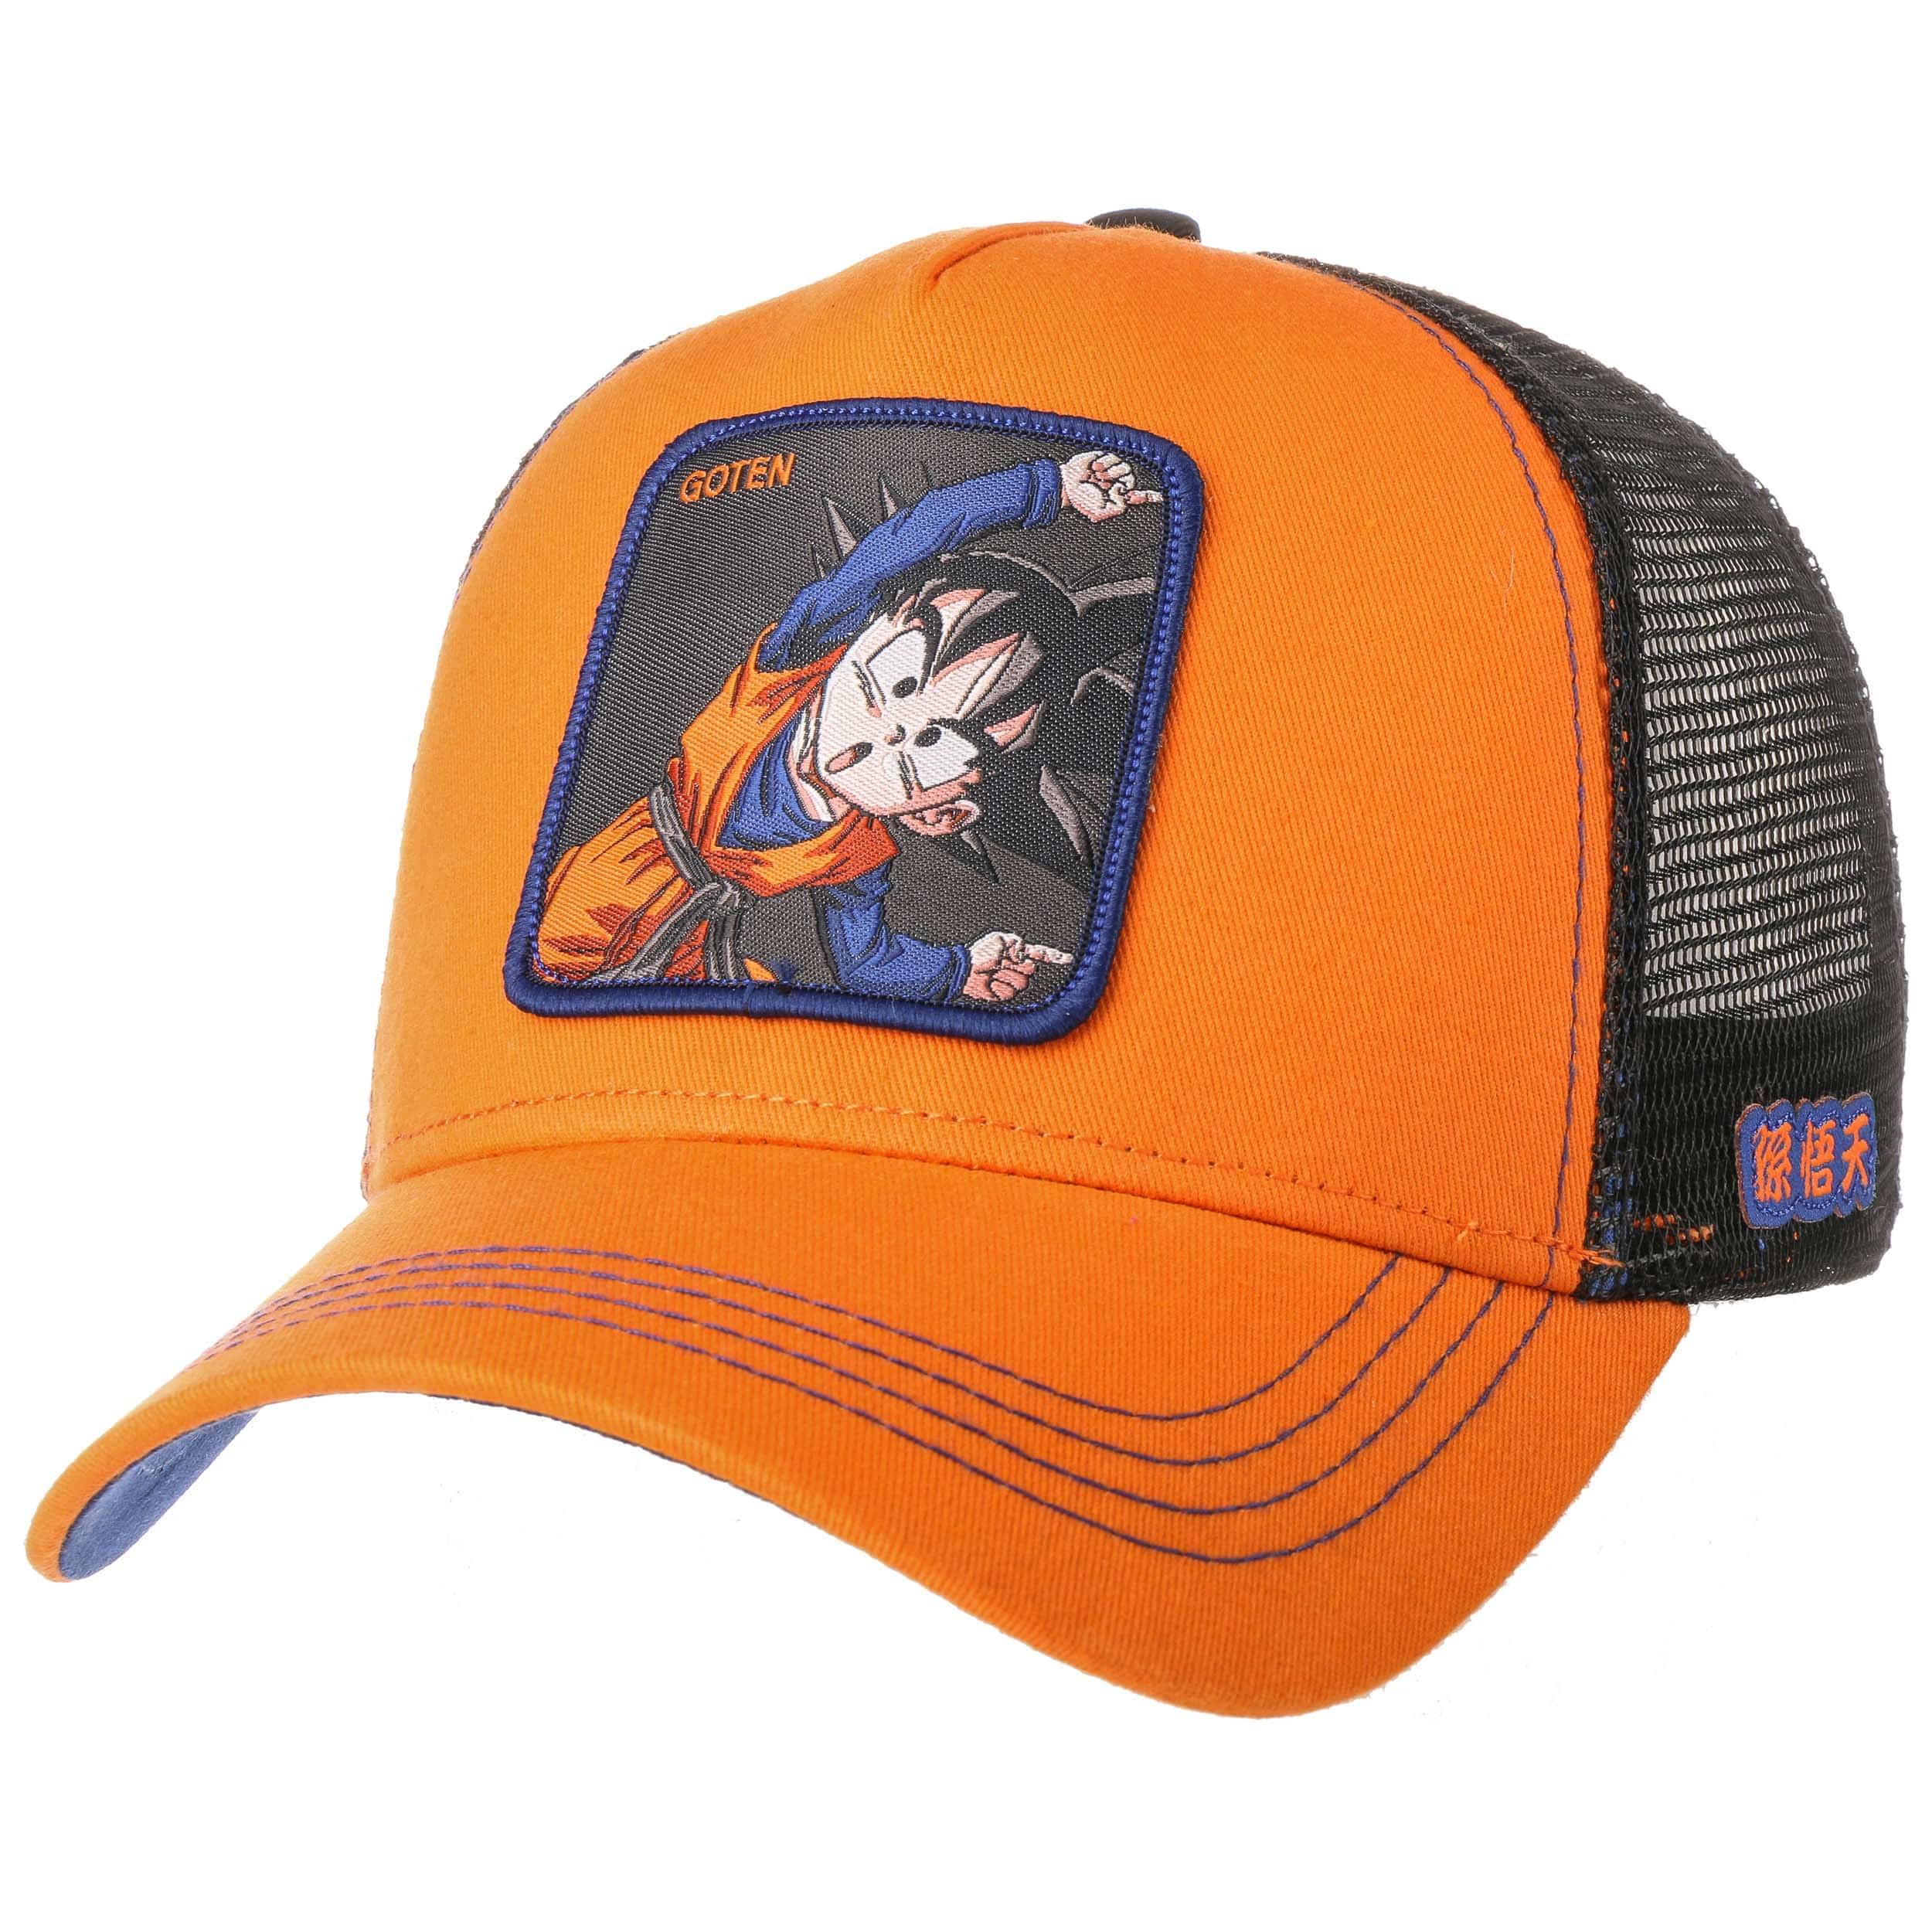 fotos nuevas descuento en venta los mejores precios Goten Dragon Ball Trucker Cap by Capslab